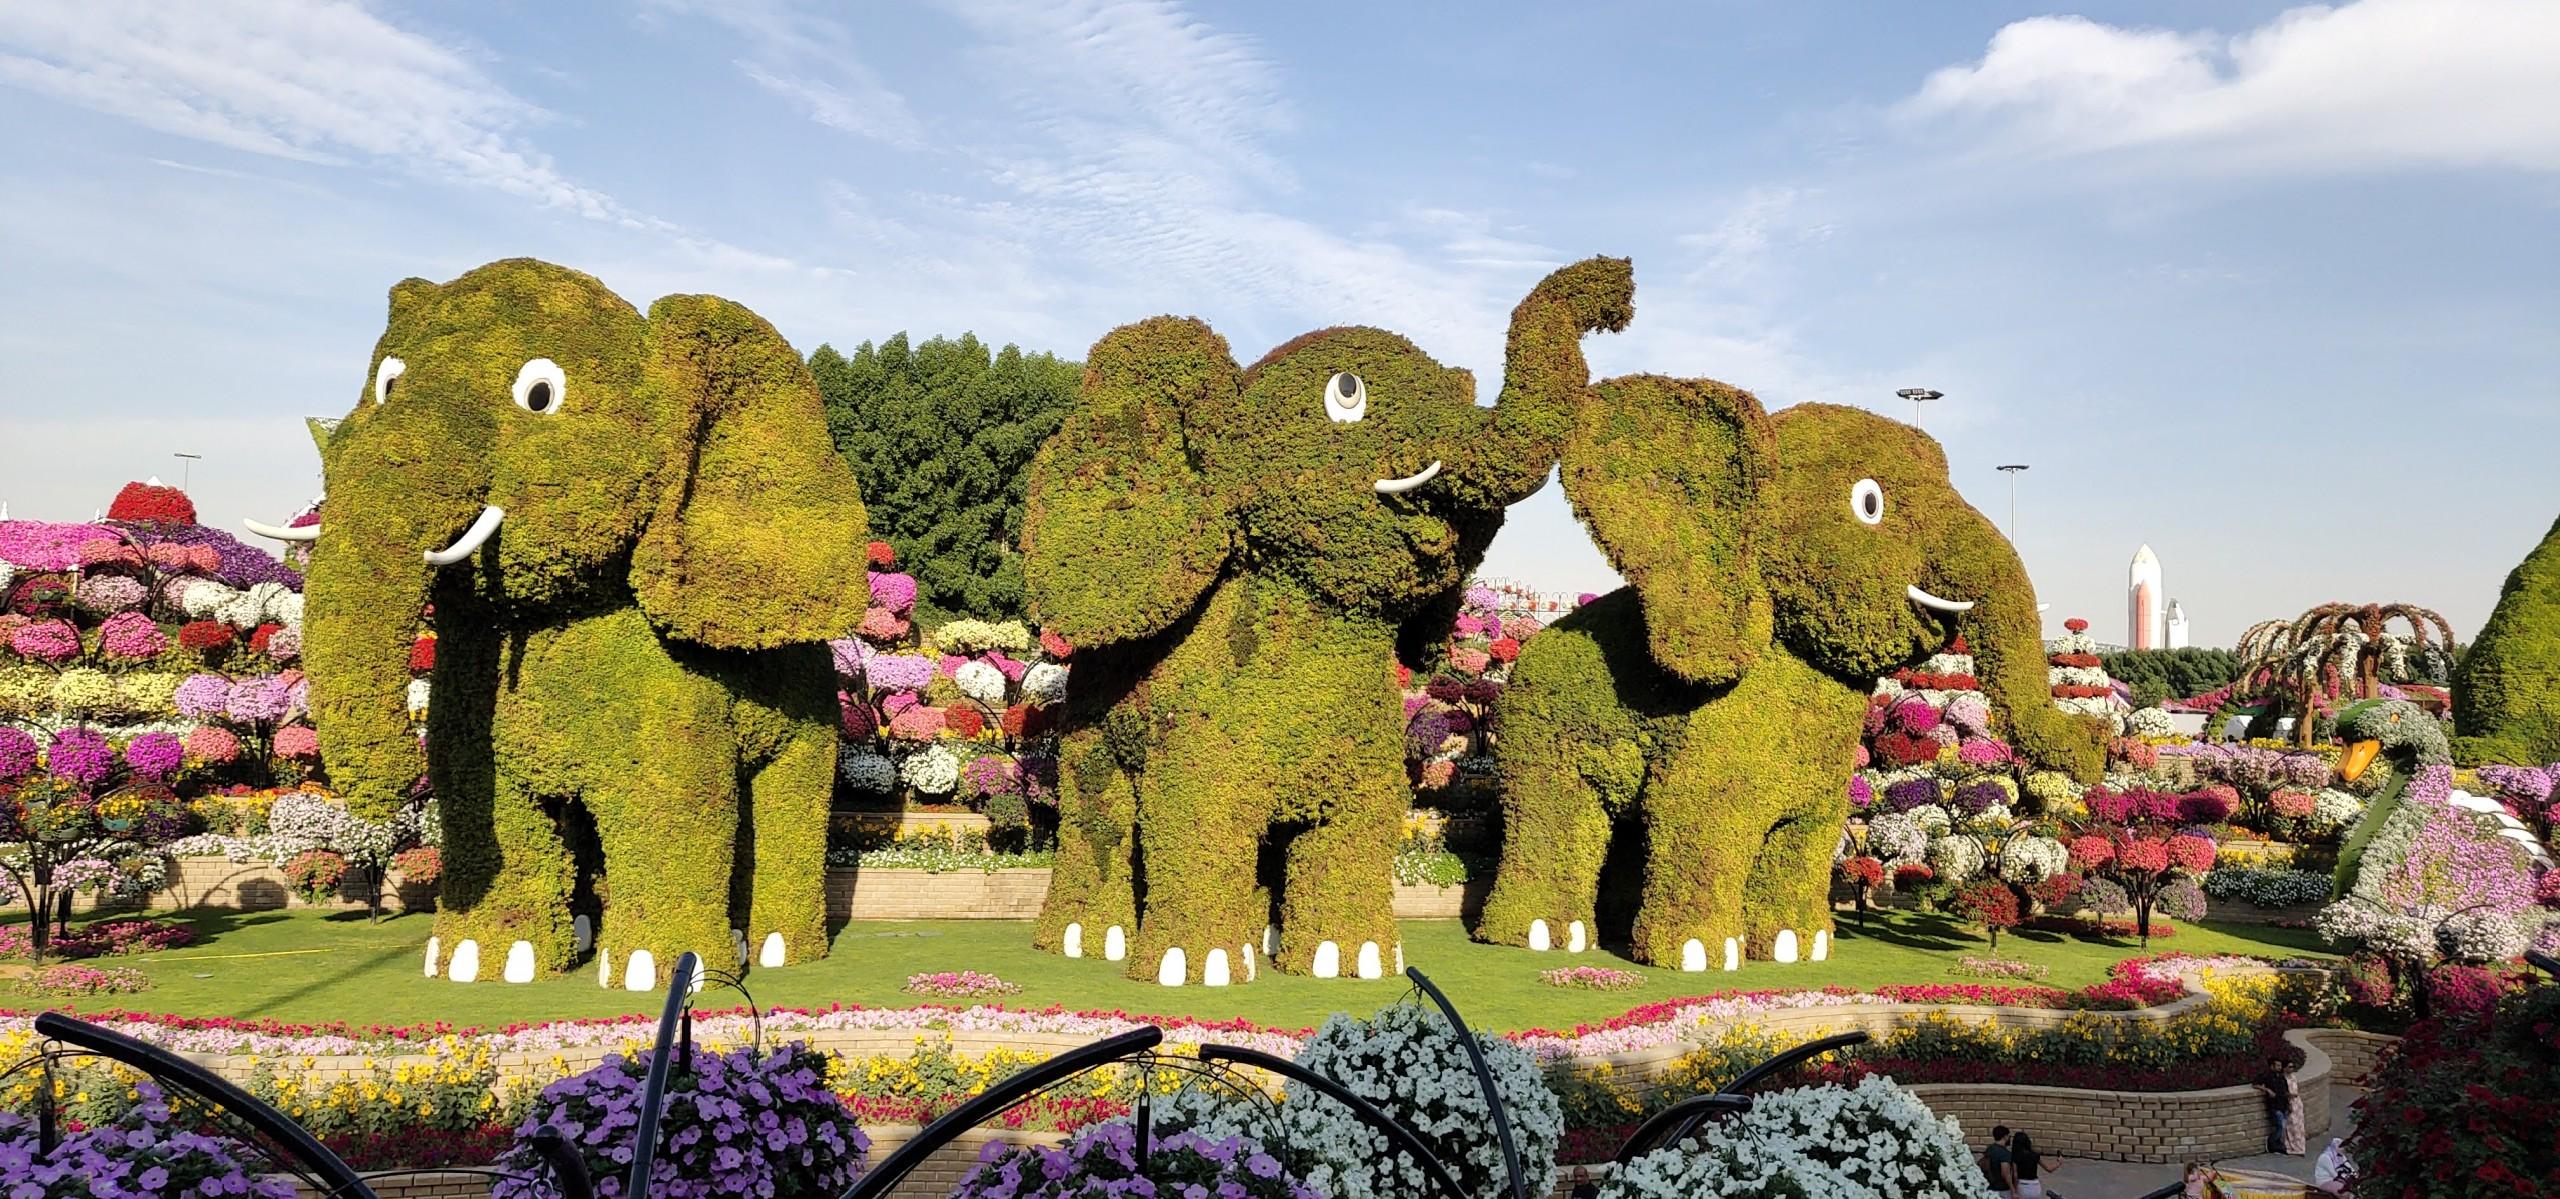 Elephant Art in a Garden